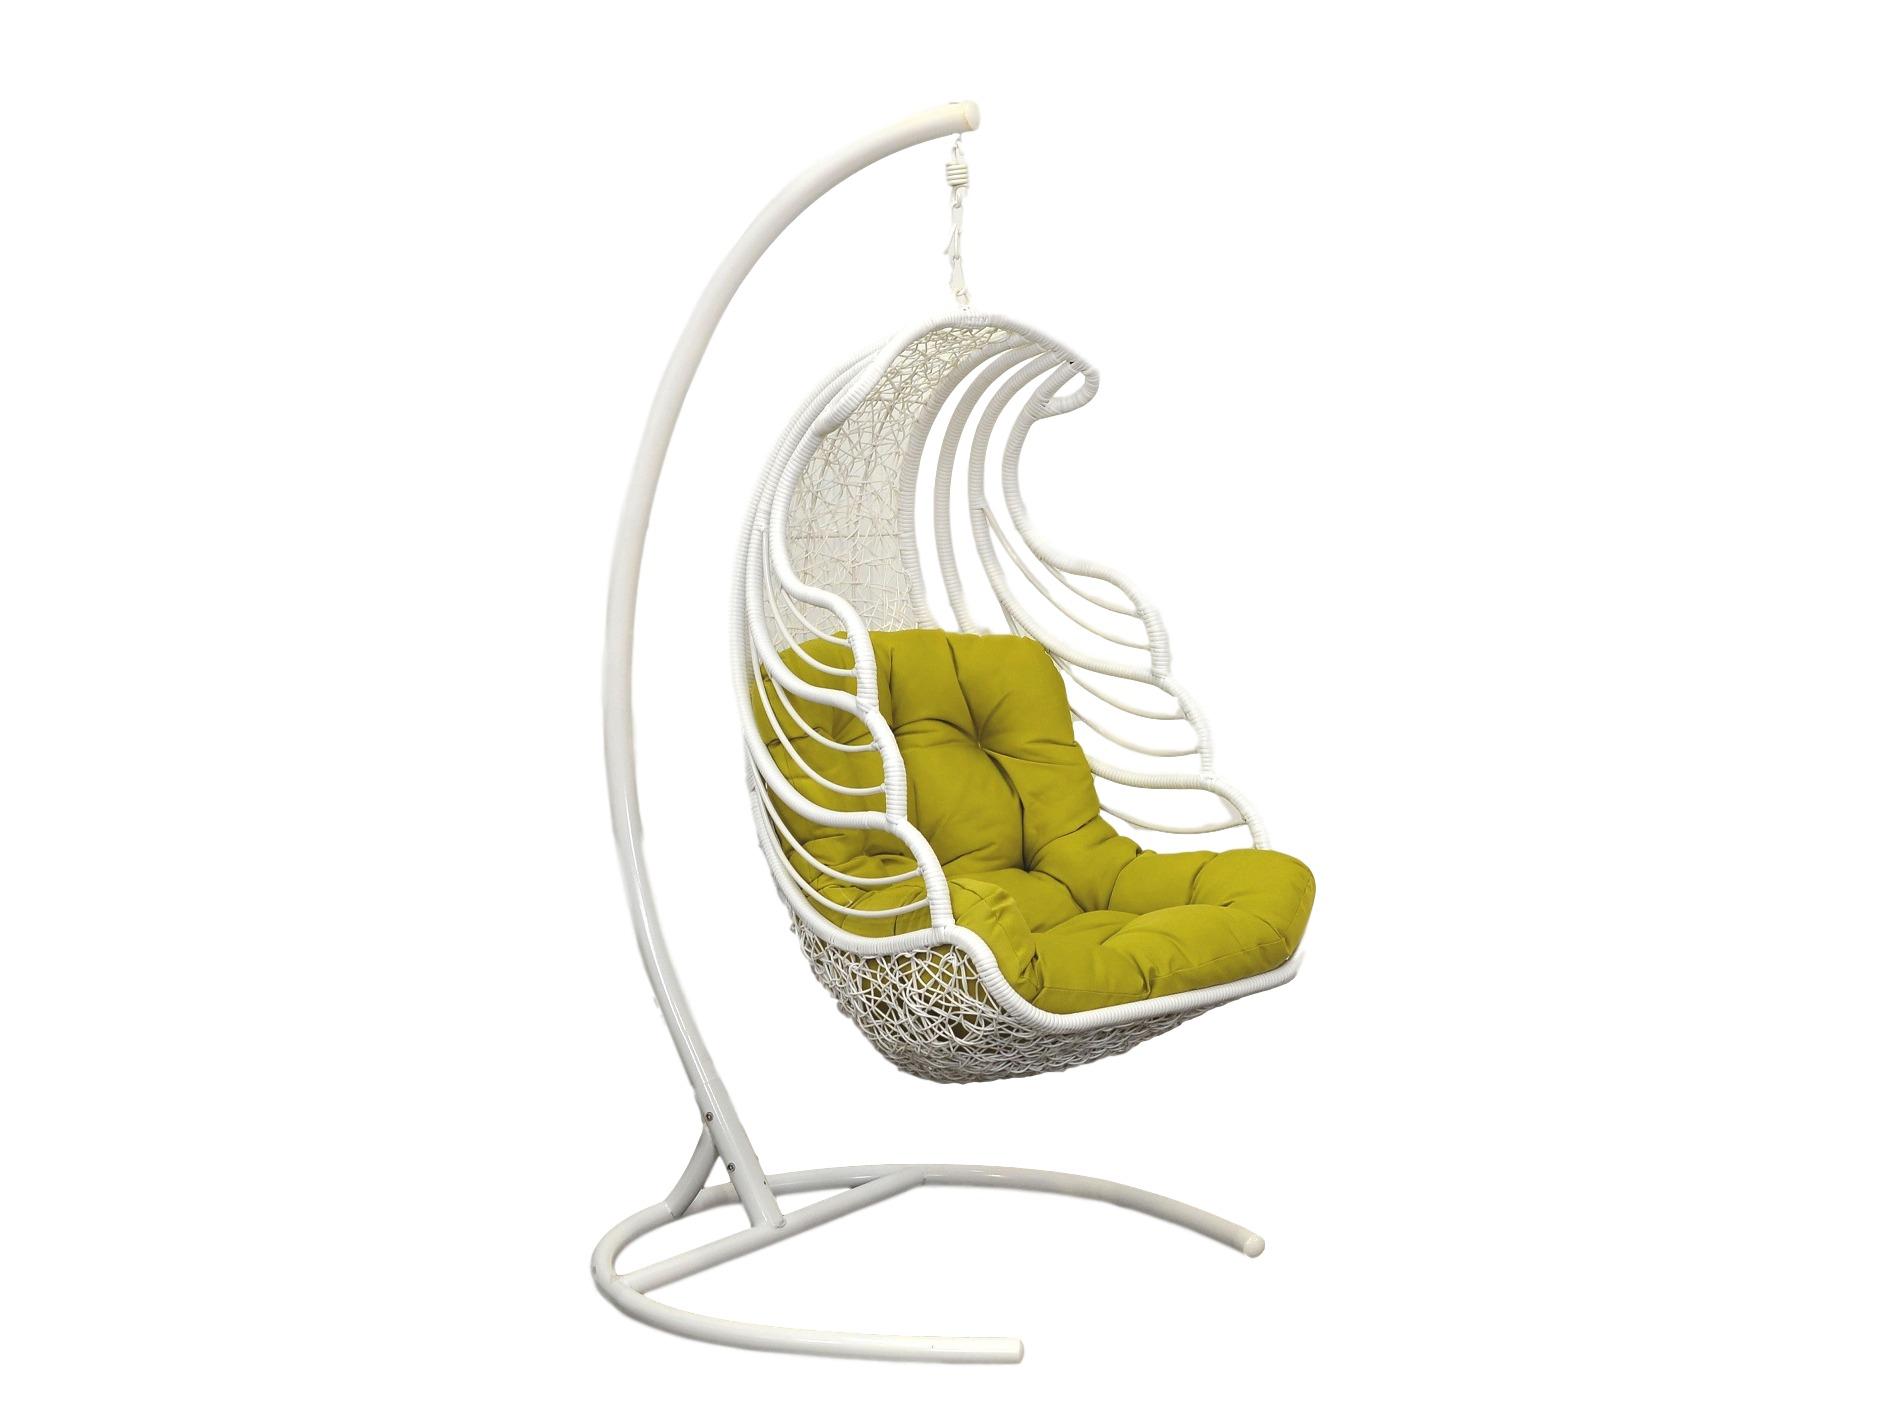 Кресло подвесное ShellПодвесные кресла<br>Подвесное кресло Shell  выполнено из искусственного ротанга высокого качества. Искусственный ротанг круглой формы, что делает его очень похожим на натуральный ротанговый прут. Каркас опоры и самого кресла покрыт прочной, устойчивой к внешним воздействиям, порошковой краской. А мягкие подушки выполнены из водоотталкивающего материала. Основа кресла выполнена из стали, благодаря чему подвесное кресло может выдерживать вес до 120 кг. Когда Вы сидите  в кресле, общая нагрузка приходится не на ажурное плетение, а именно на металлический каркас.Материал каркаса: сталь.&amp;amp;nbsp;&amp;lt;div&amp;gt;&amp;lt;br&amp;gt;&amp;lt;/div&amp;gt;&amp;lt;div&amp;gt;Выдерживаемая нагрузка: 120 кг.&amp;amp;nbsp;&amp;lt;/div&amp;gt;&amp;lt;div&amp;gt;Вес: 35 кг.&amp;amp;nbsp;&amp;lt;/div&amp;gt;&amp;lt;div&amp;gt;Конструкция кресла: сборно-разборное. Кресло состоит из трех частей: основание, опора и чаша. Сборка не требует специальных навыков.&amp;lt;/div&amp;gt;<br><br>Material: Искусственный ротанг